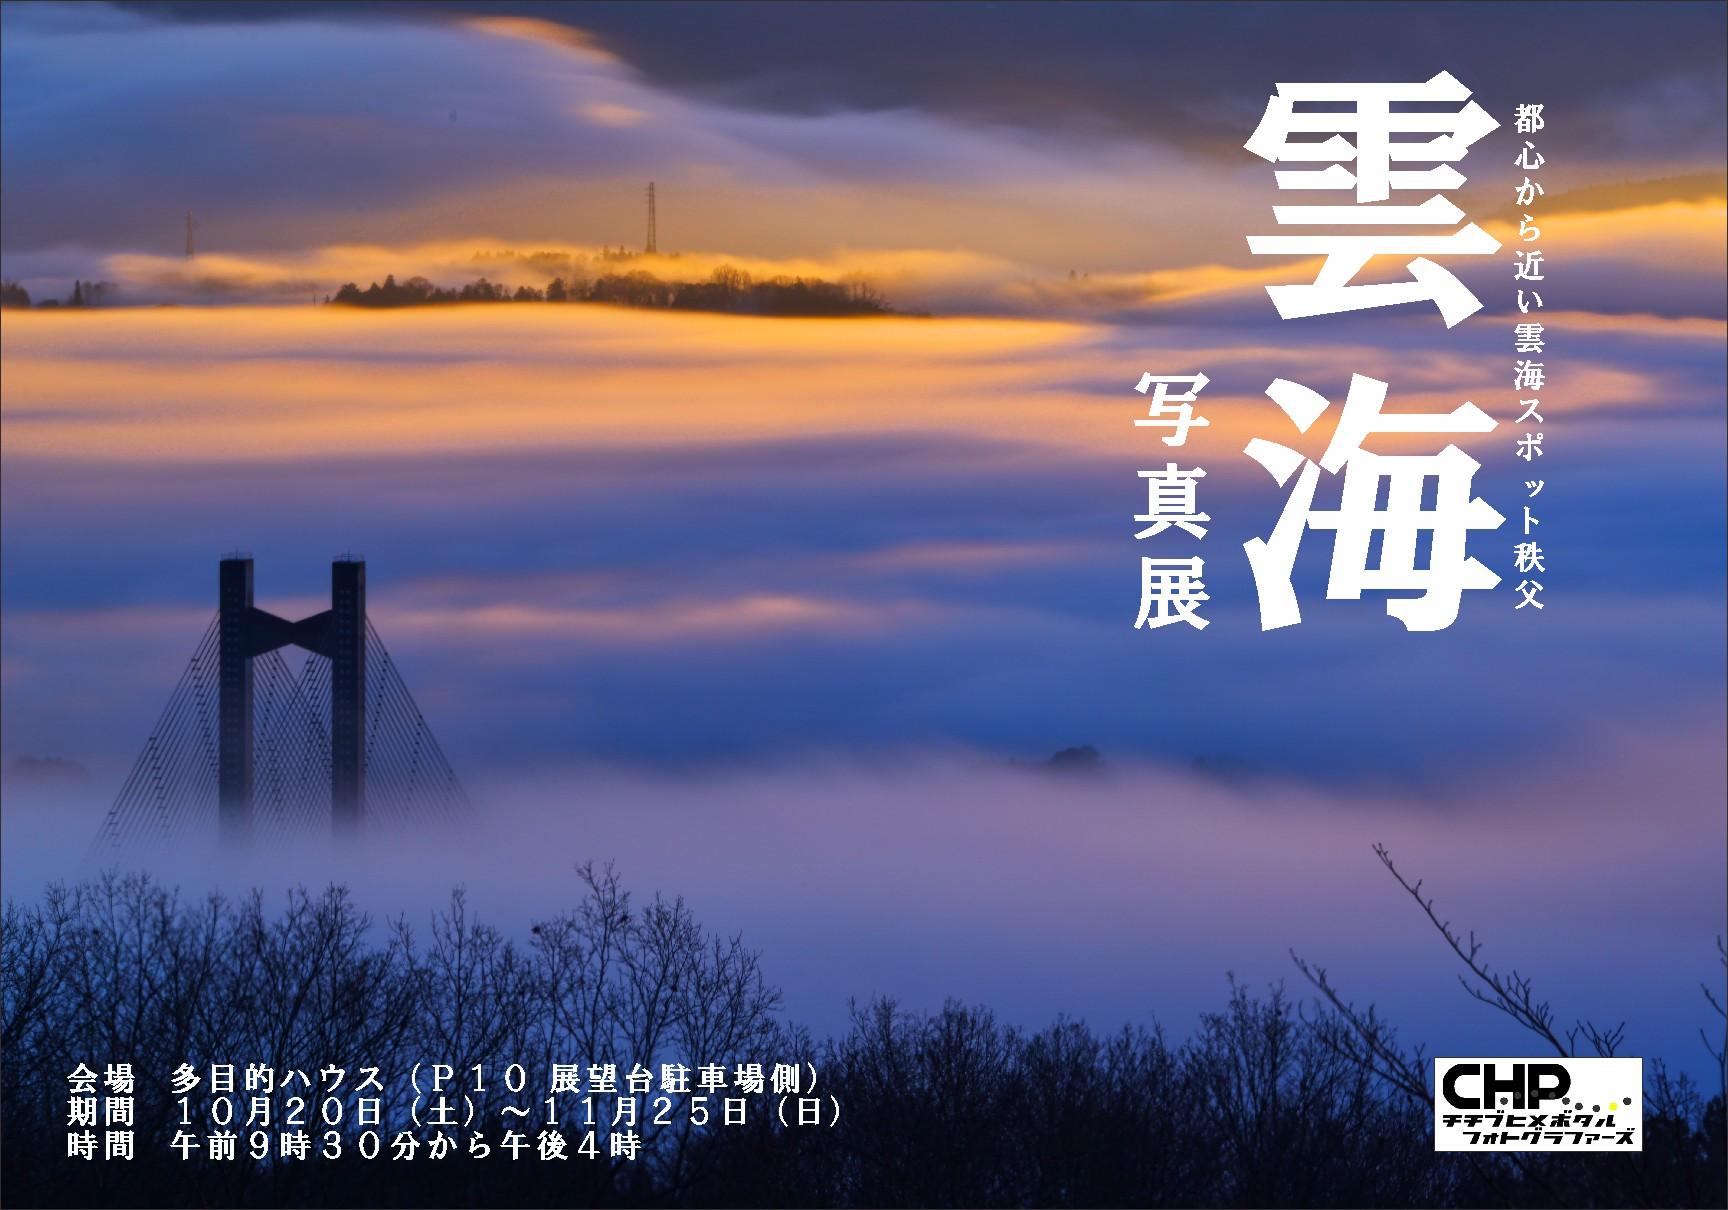 雲海ポスター1